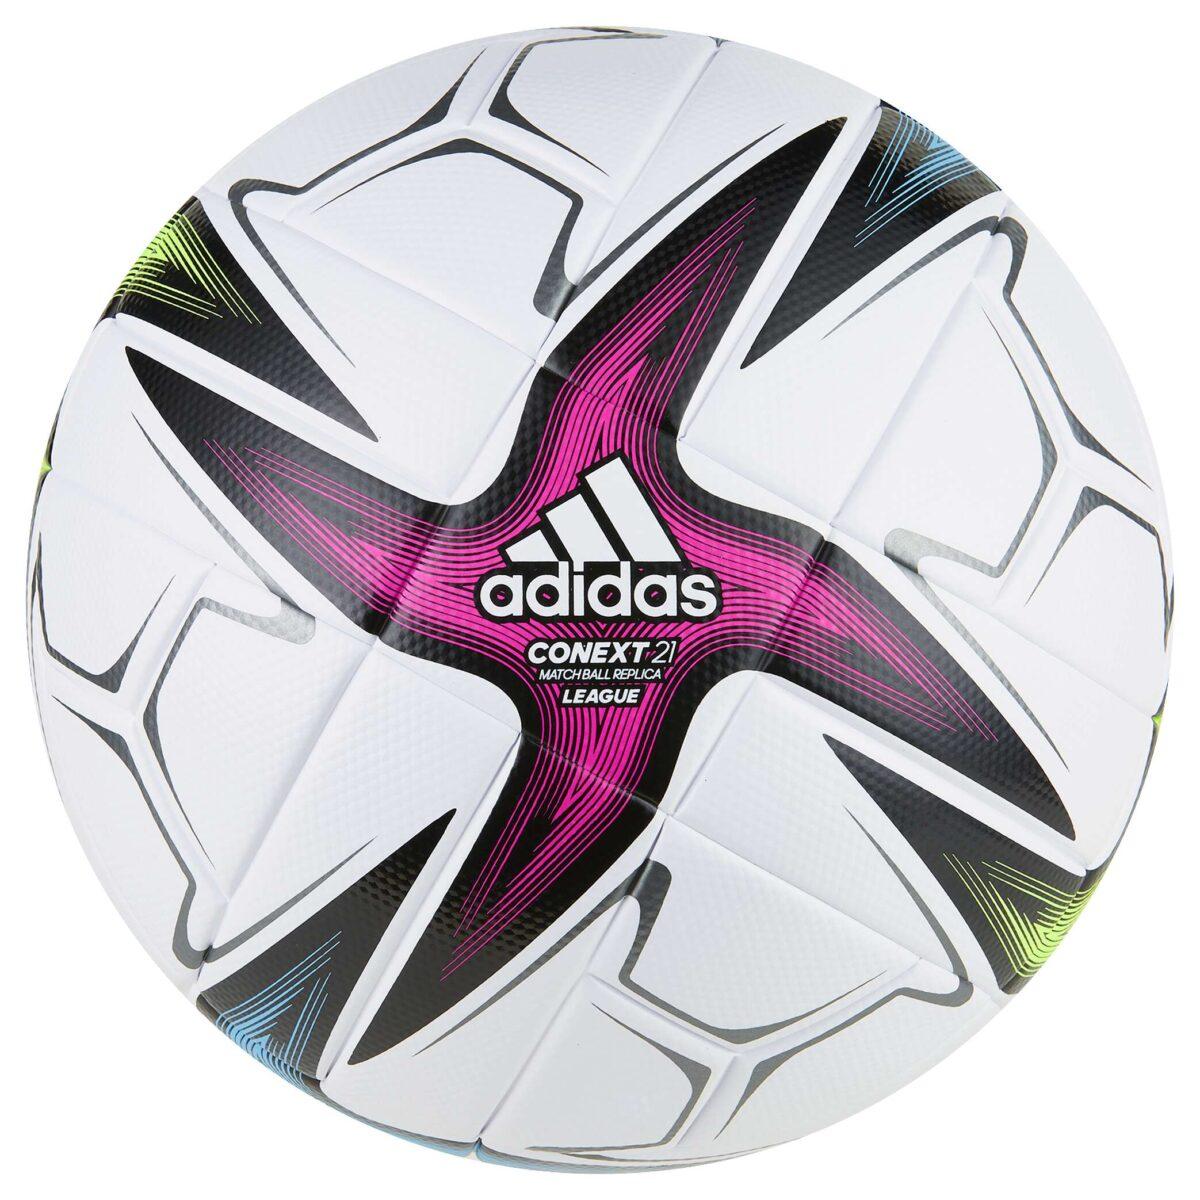 """Adidas Fußball """"Conext21 League"""" - Bälle - Adidas"""